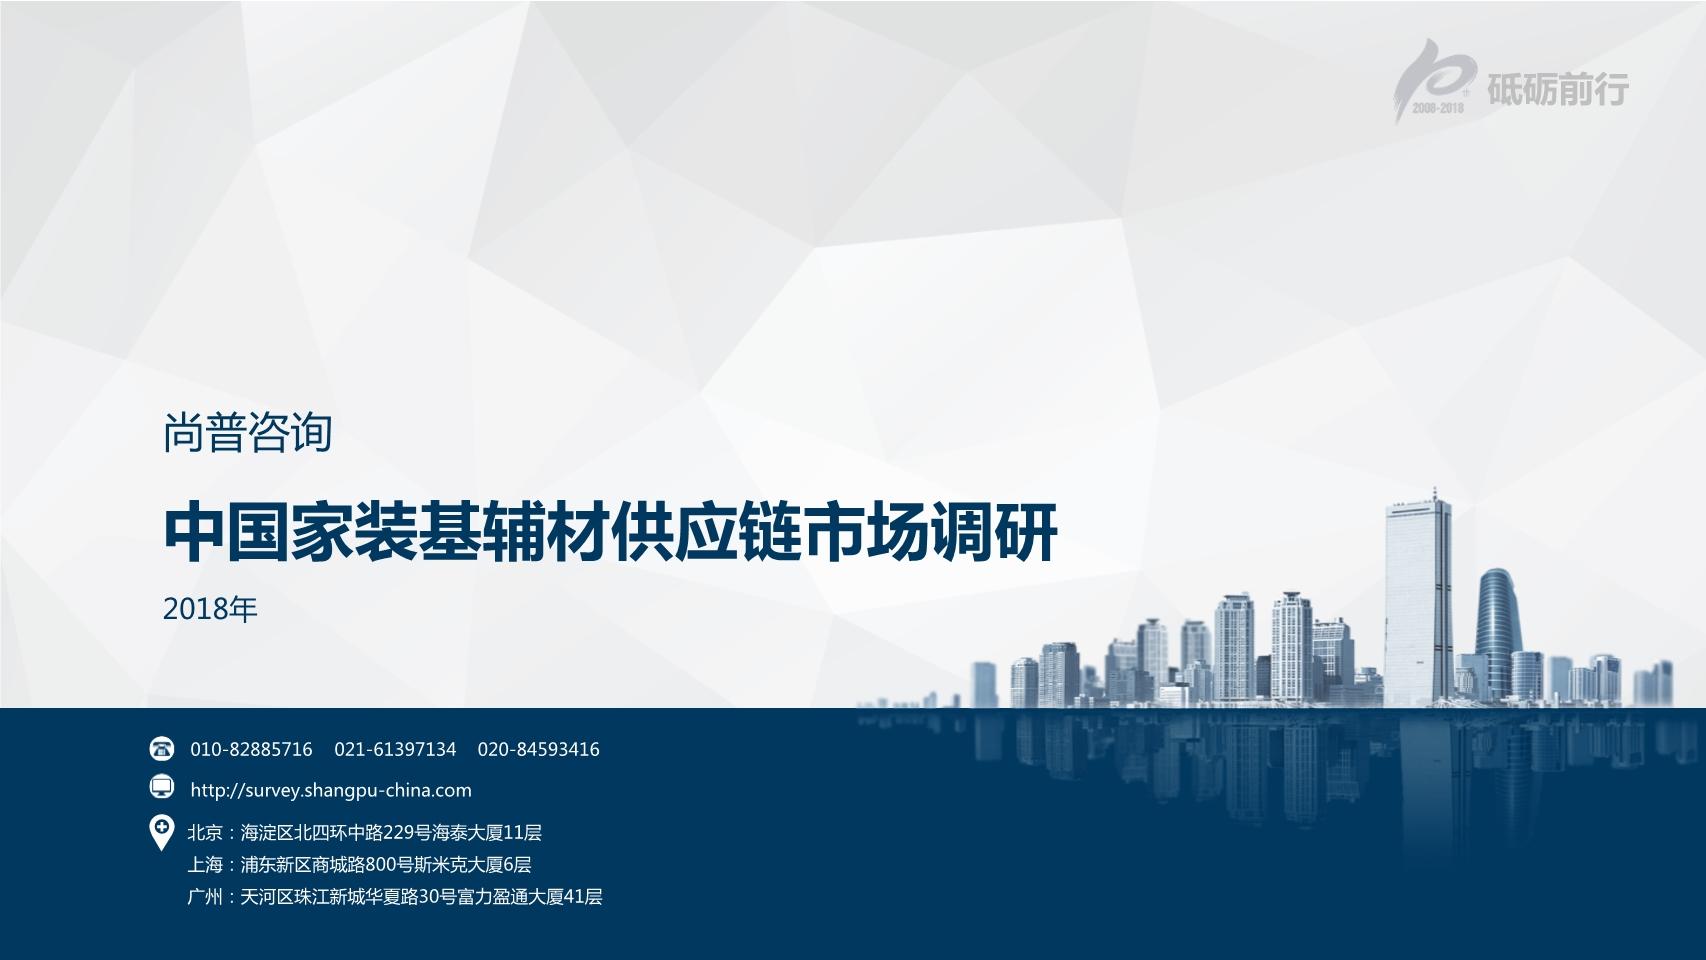 尚普咨询-中国家装基辅材供应链市场调研